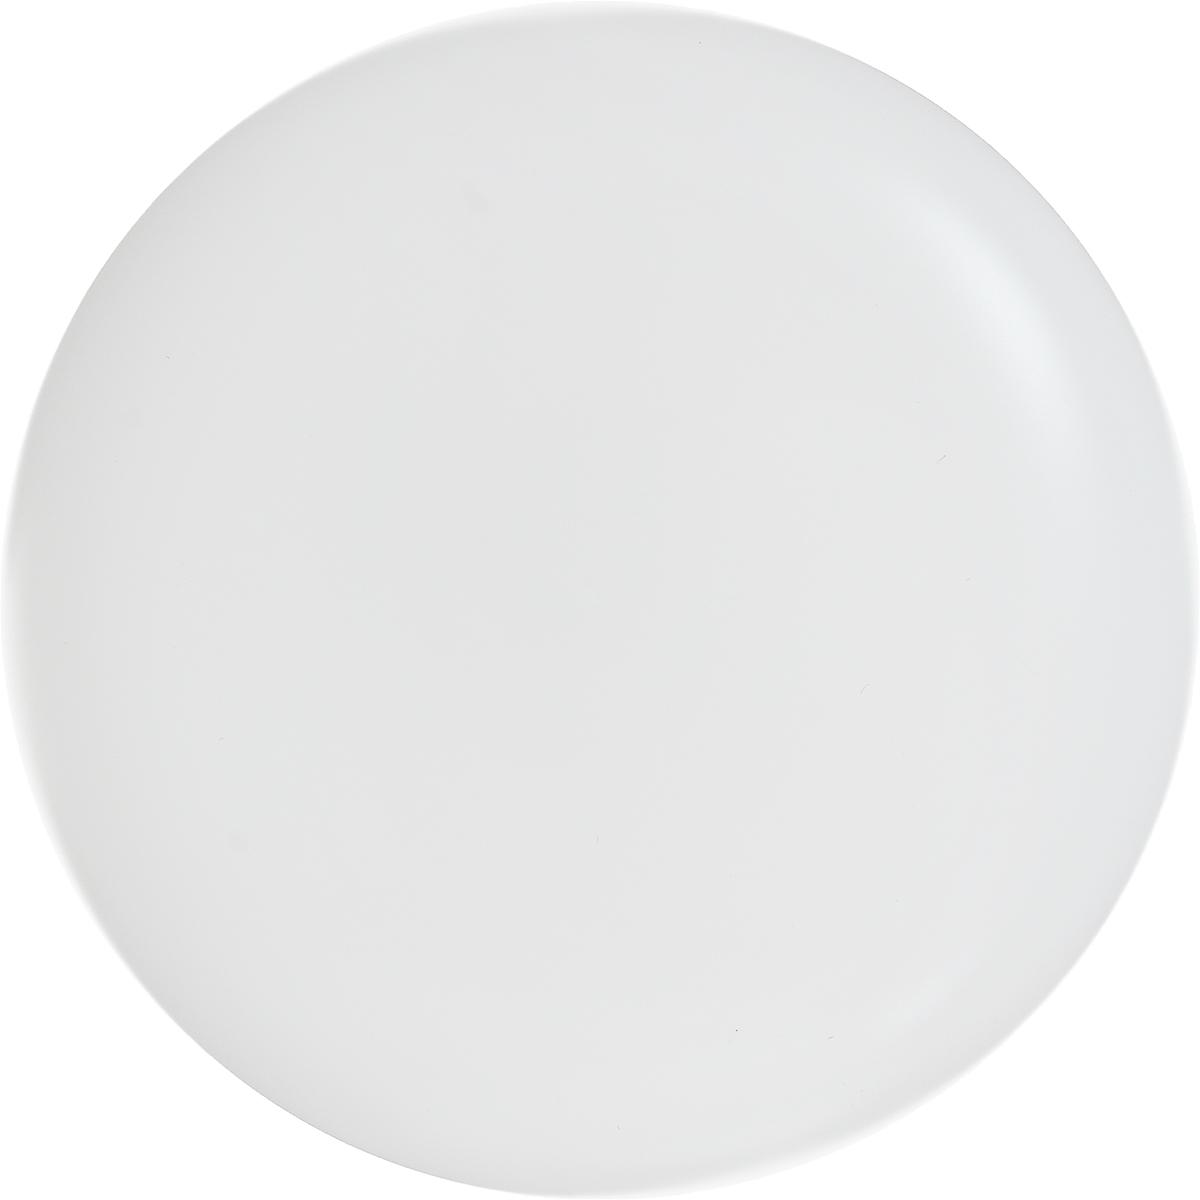 Светильник настенно-потолочный Navigator NBL-R2-IP54, энергосберегающий, свет: холодный белый4670004715796Осветительные приборы, которые используются при освещении объектов с содержанием пыли и влаги, превышающим среднестатистические нормы, и используются как в помещениях жилого и коммерческого, так и промышленного назначения.Светильник настенно-потолочный Navigator NBL-R2-IP54 предназначен для работы в сети переменного тока с номинальным напряжением 230 В (допустимый диапазон входного напряжения176-264 В) и частотой 50 Гц.Светильник предназначен для внутреннего освещения. Комплектация:- Светильник.- Установочный комплект (внутри корпуса светильника).- Инструкция по эксплуатации.Диаметр светильника: 17 см.Высота: 6 см.